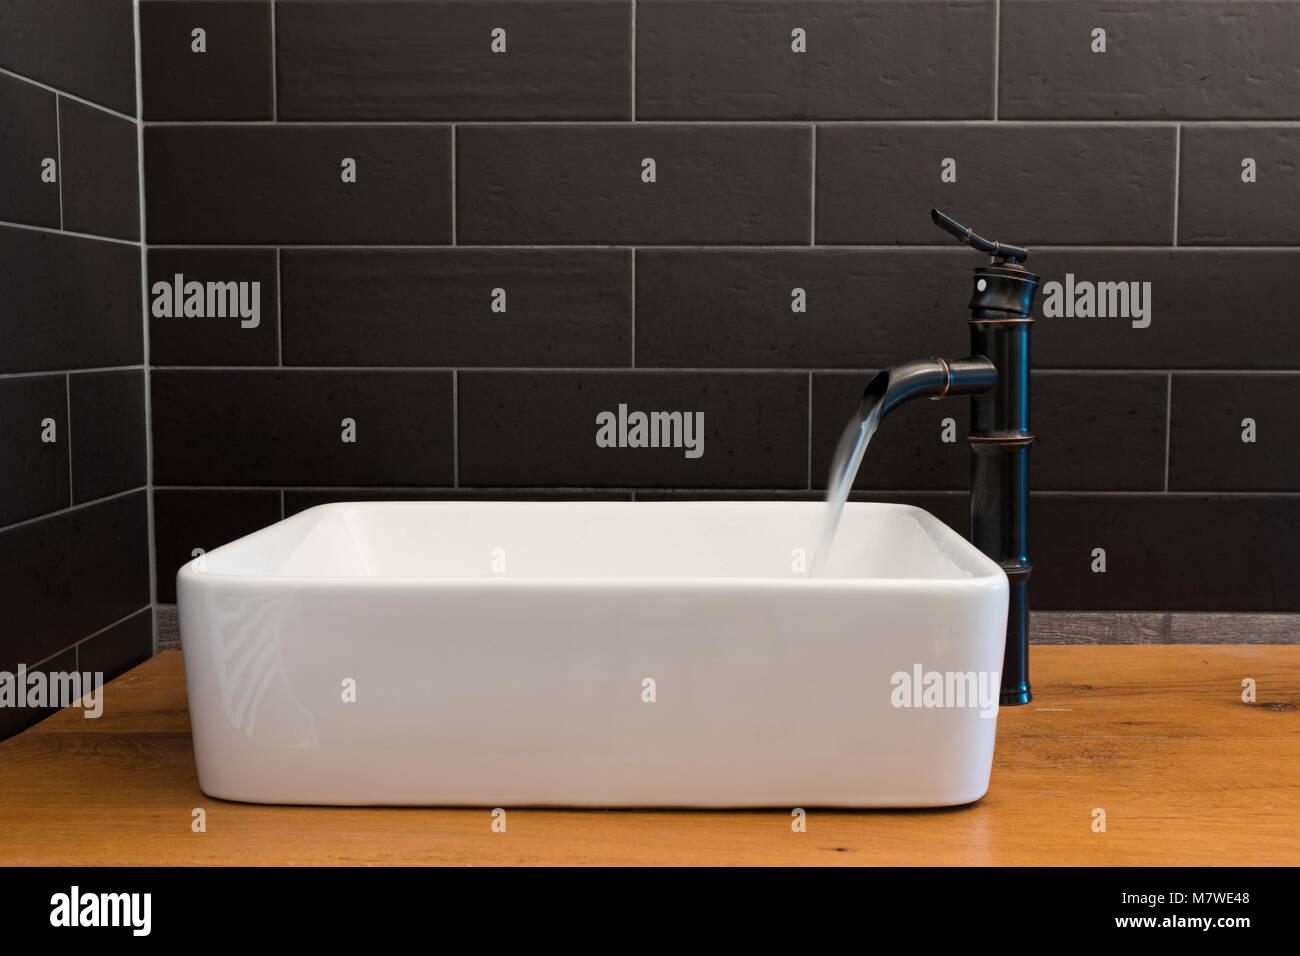 Modernes Weißes Quadrat Waschbecken Im Badezimmer Mit Schwarzen Fliesen Und  Schwarzen Hahn In Form Von Bambus. Modernes Badezimmer Design